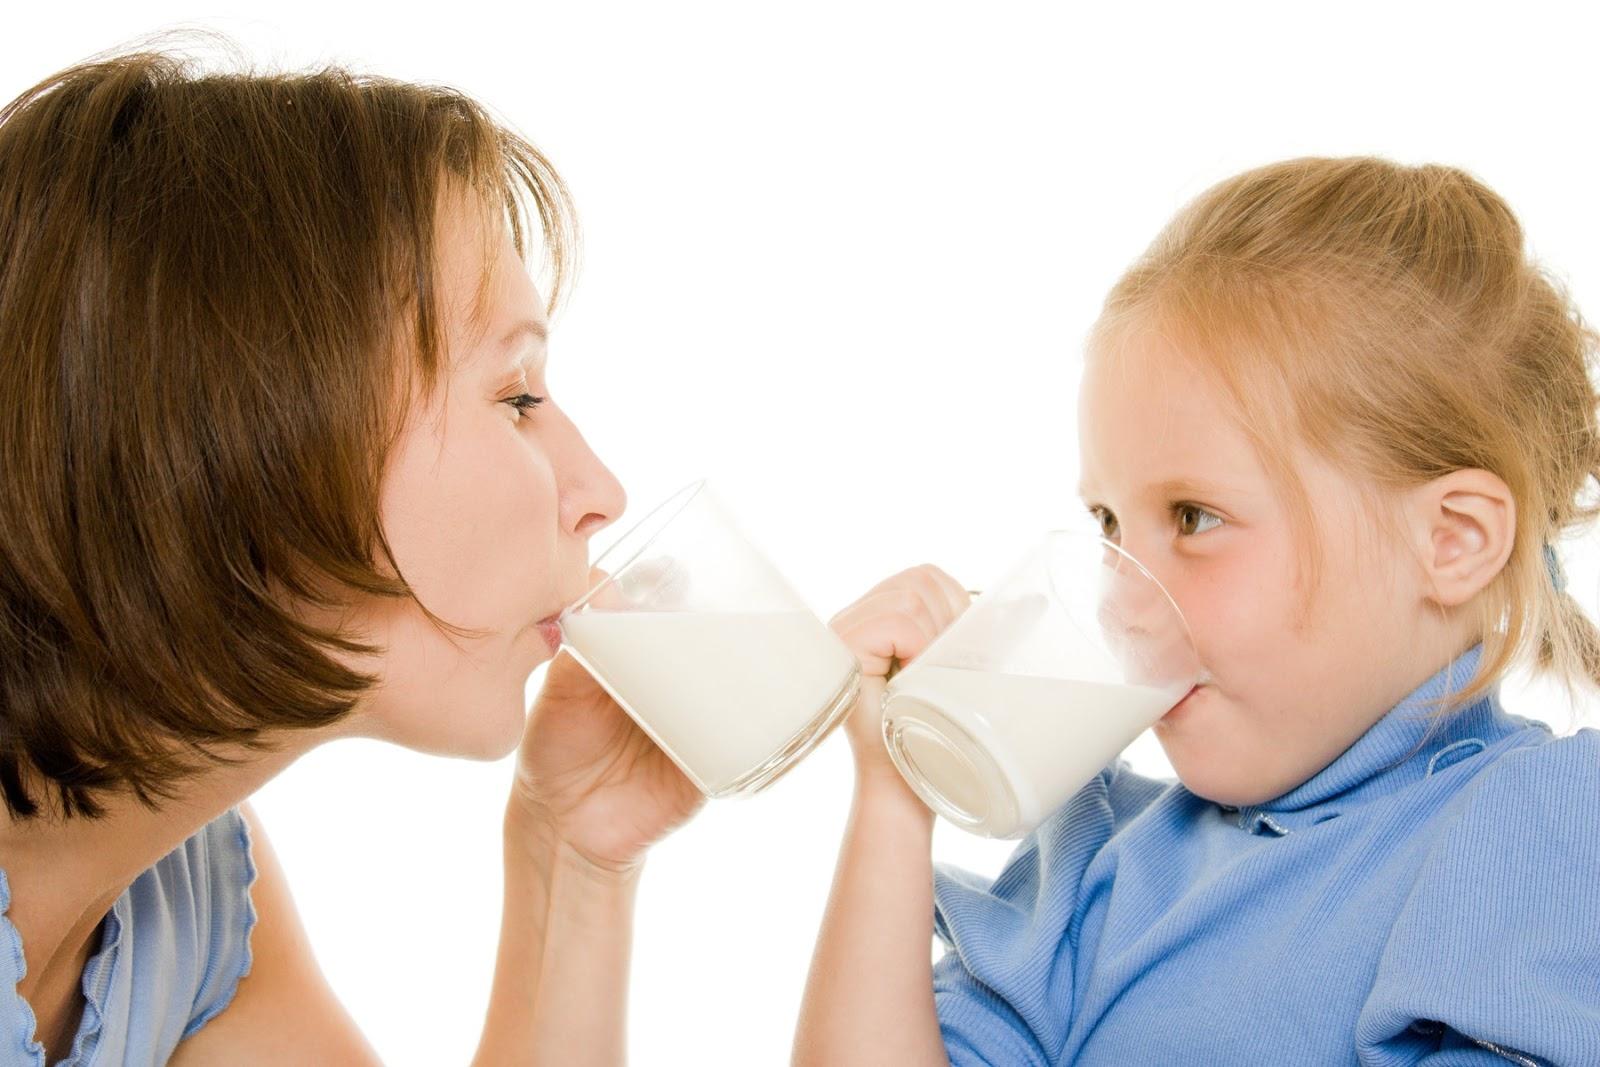 Manfaat Minum Susu Bagi Balita